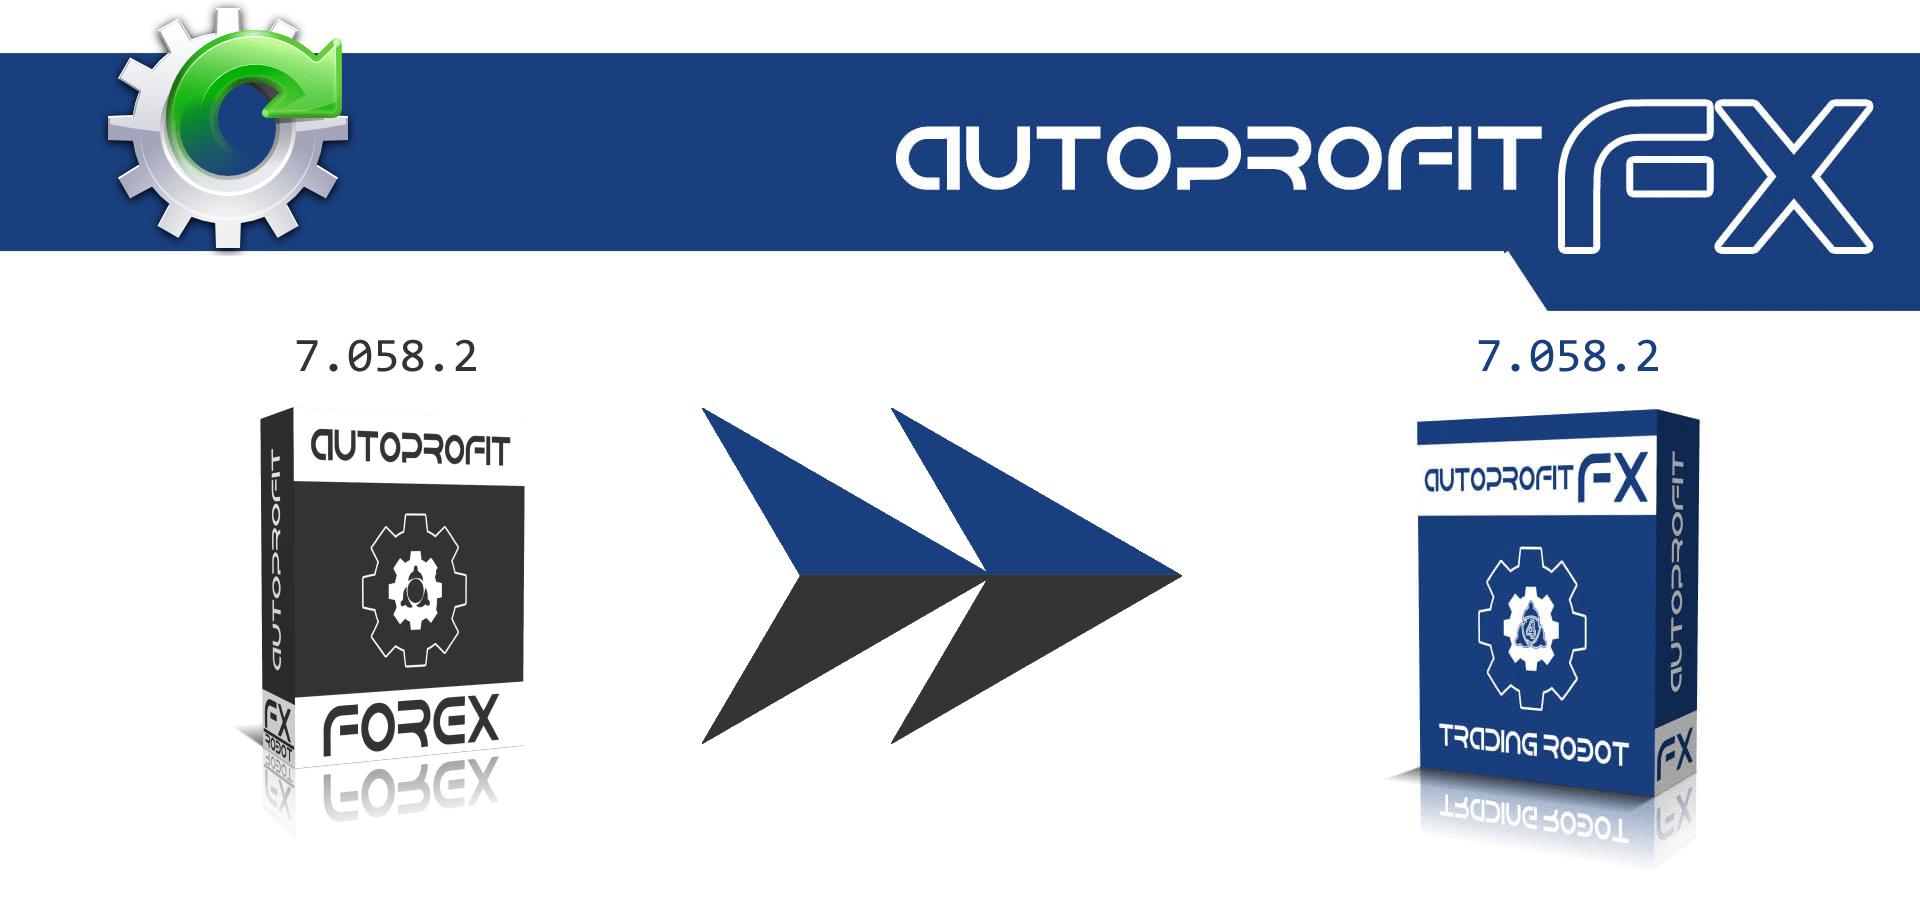 Обновление AutoProfitFX EX до версии 7.058.2